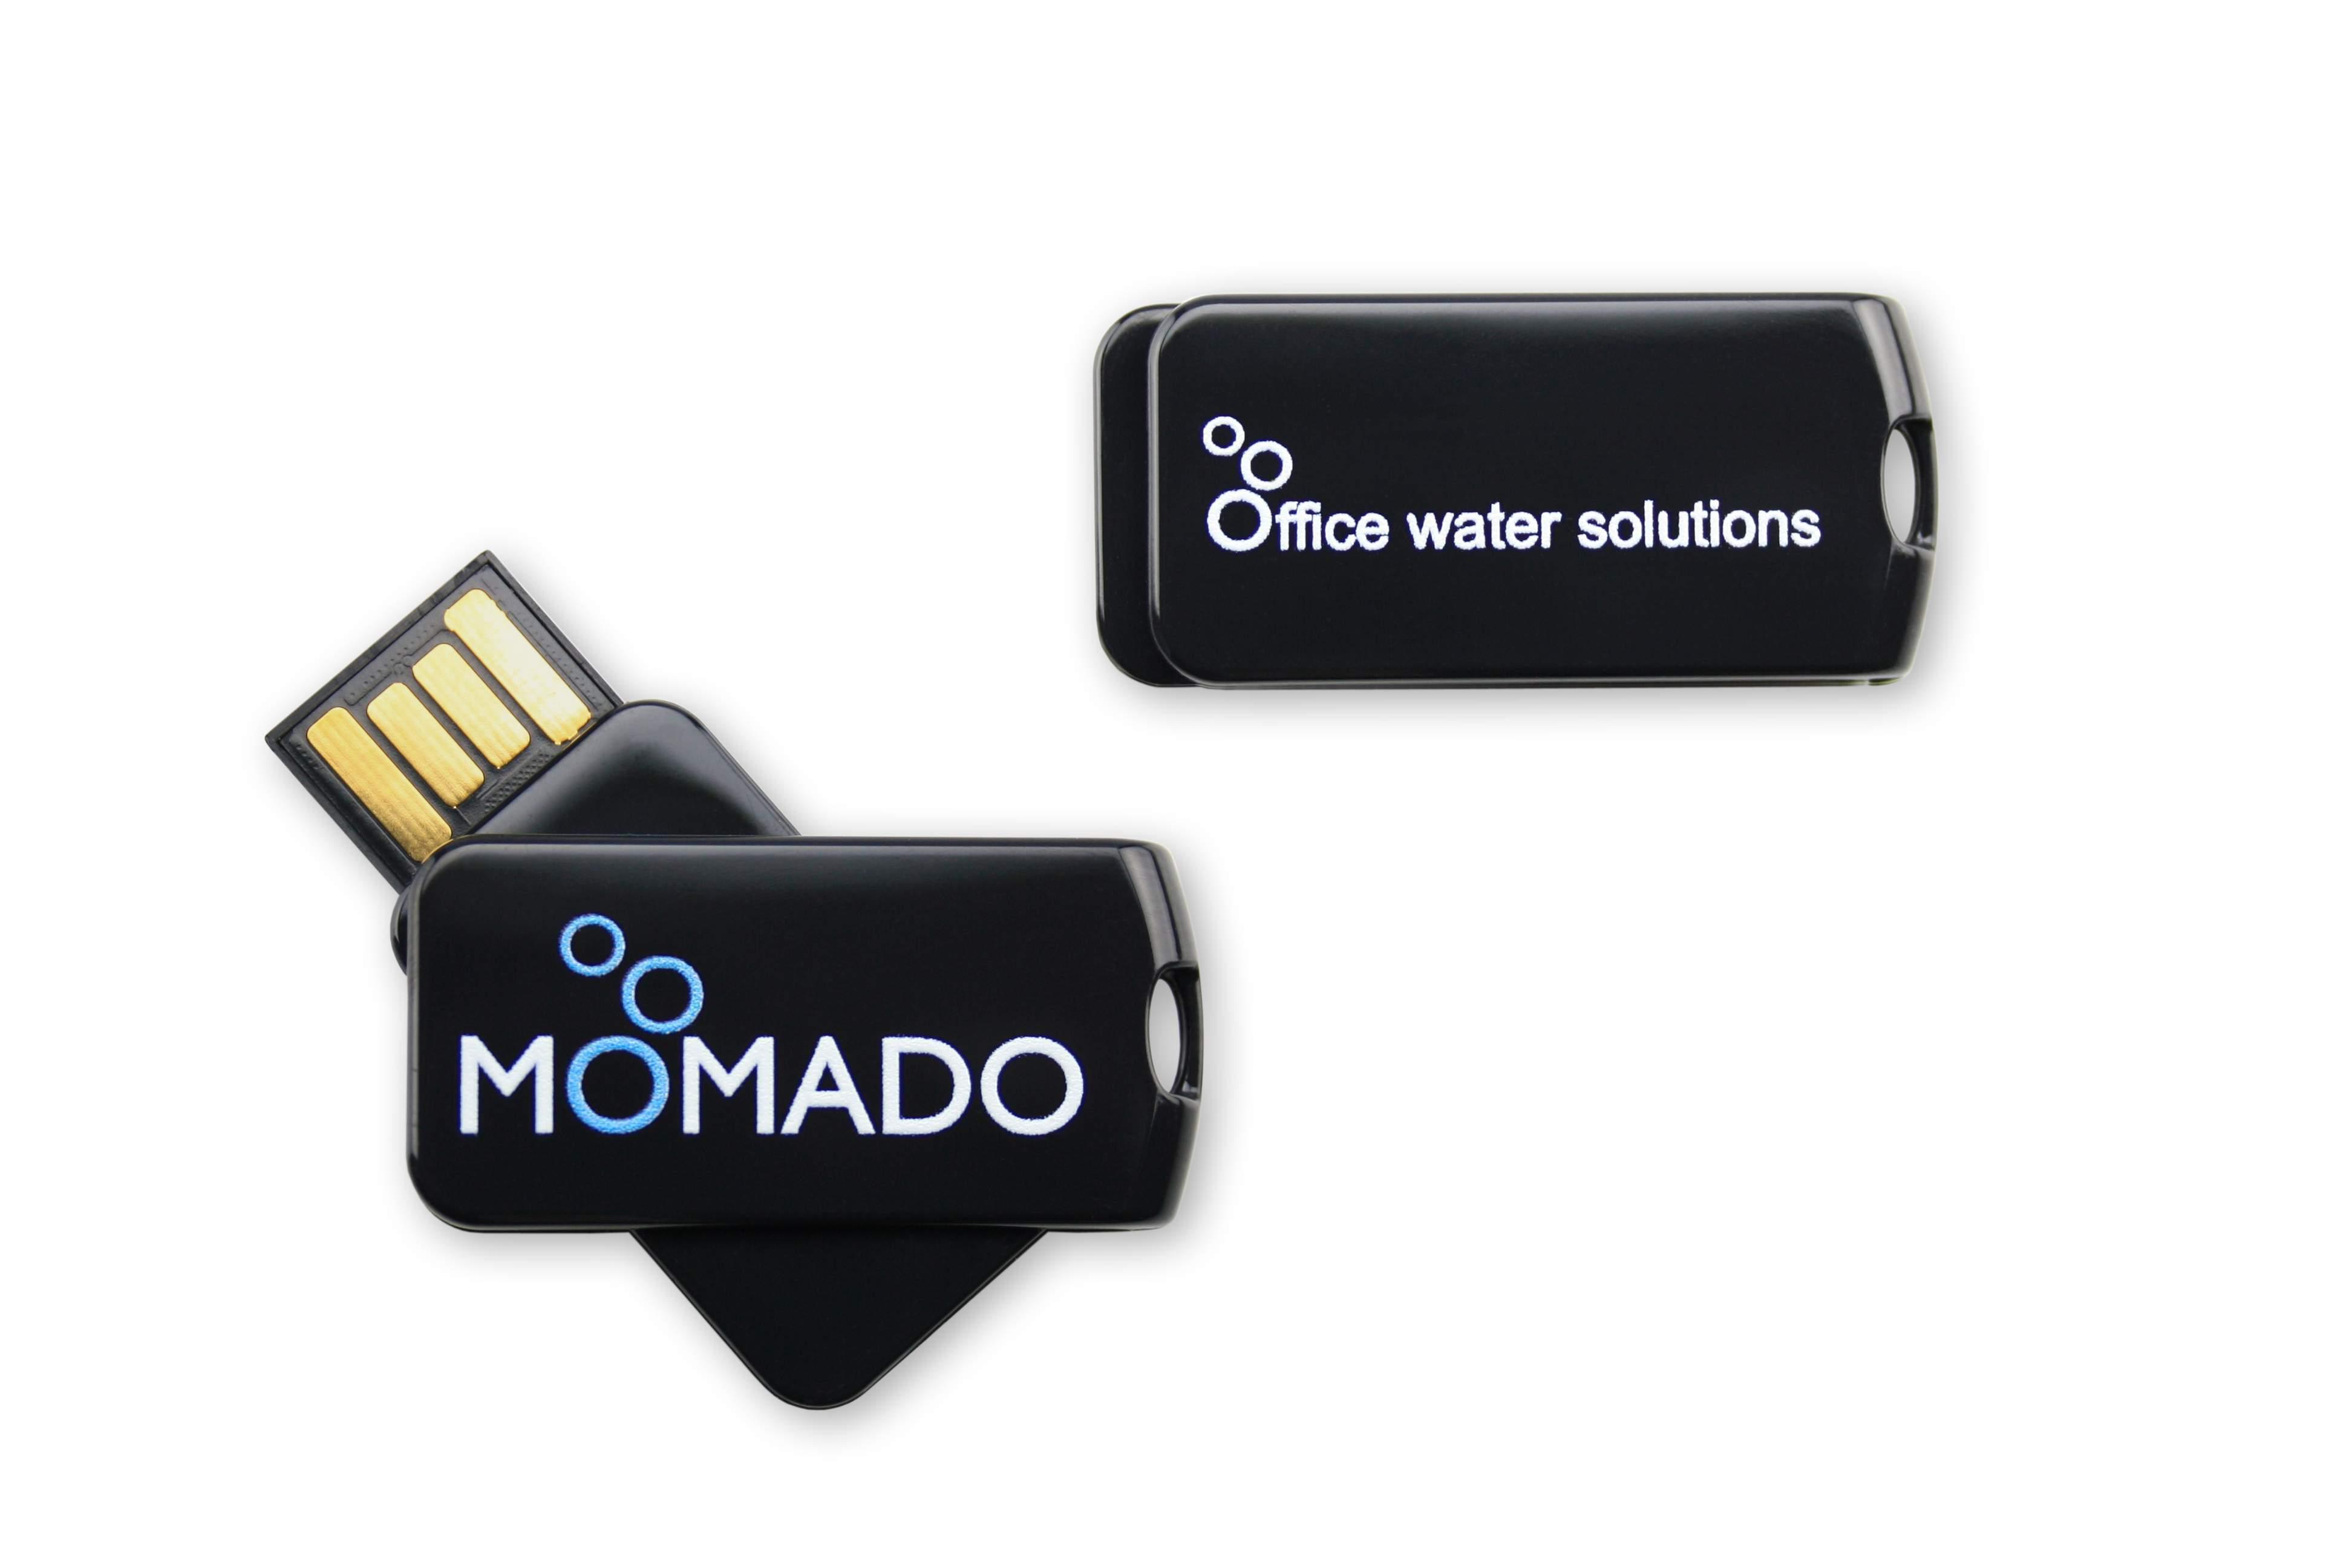 Cadeau d'entreprise - Clé USB publicitaire Smart Twist